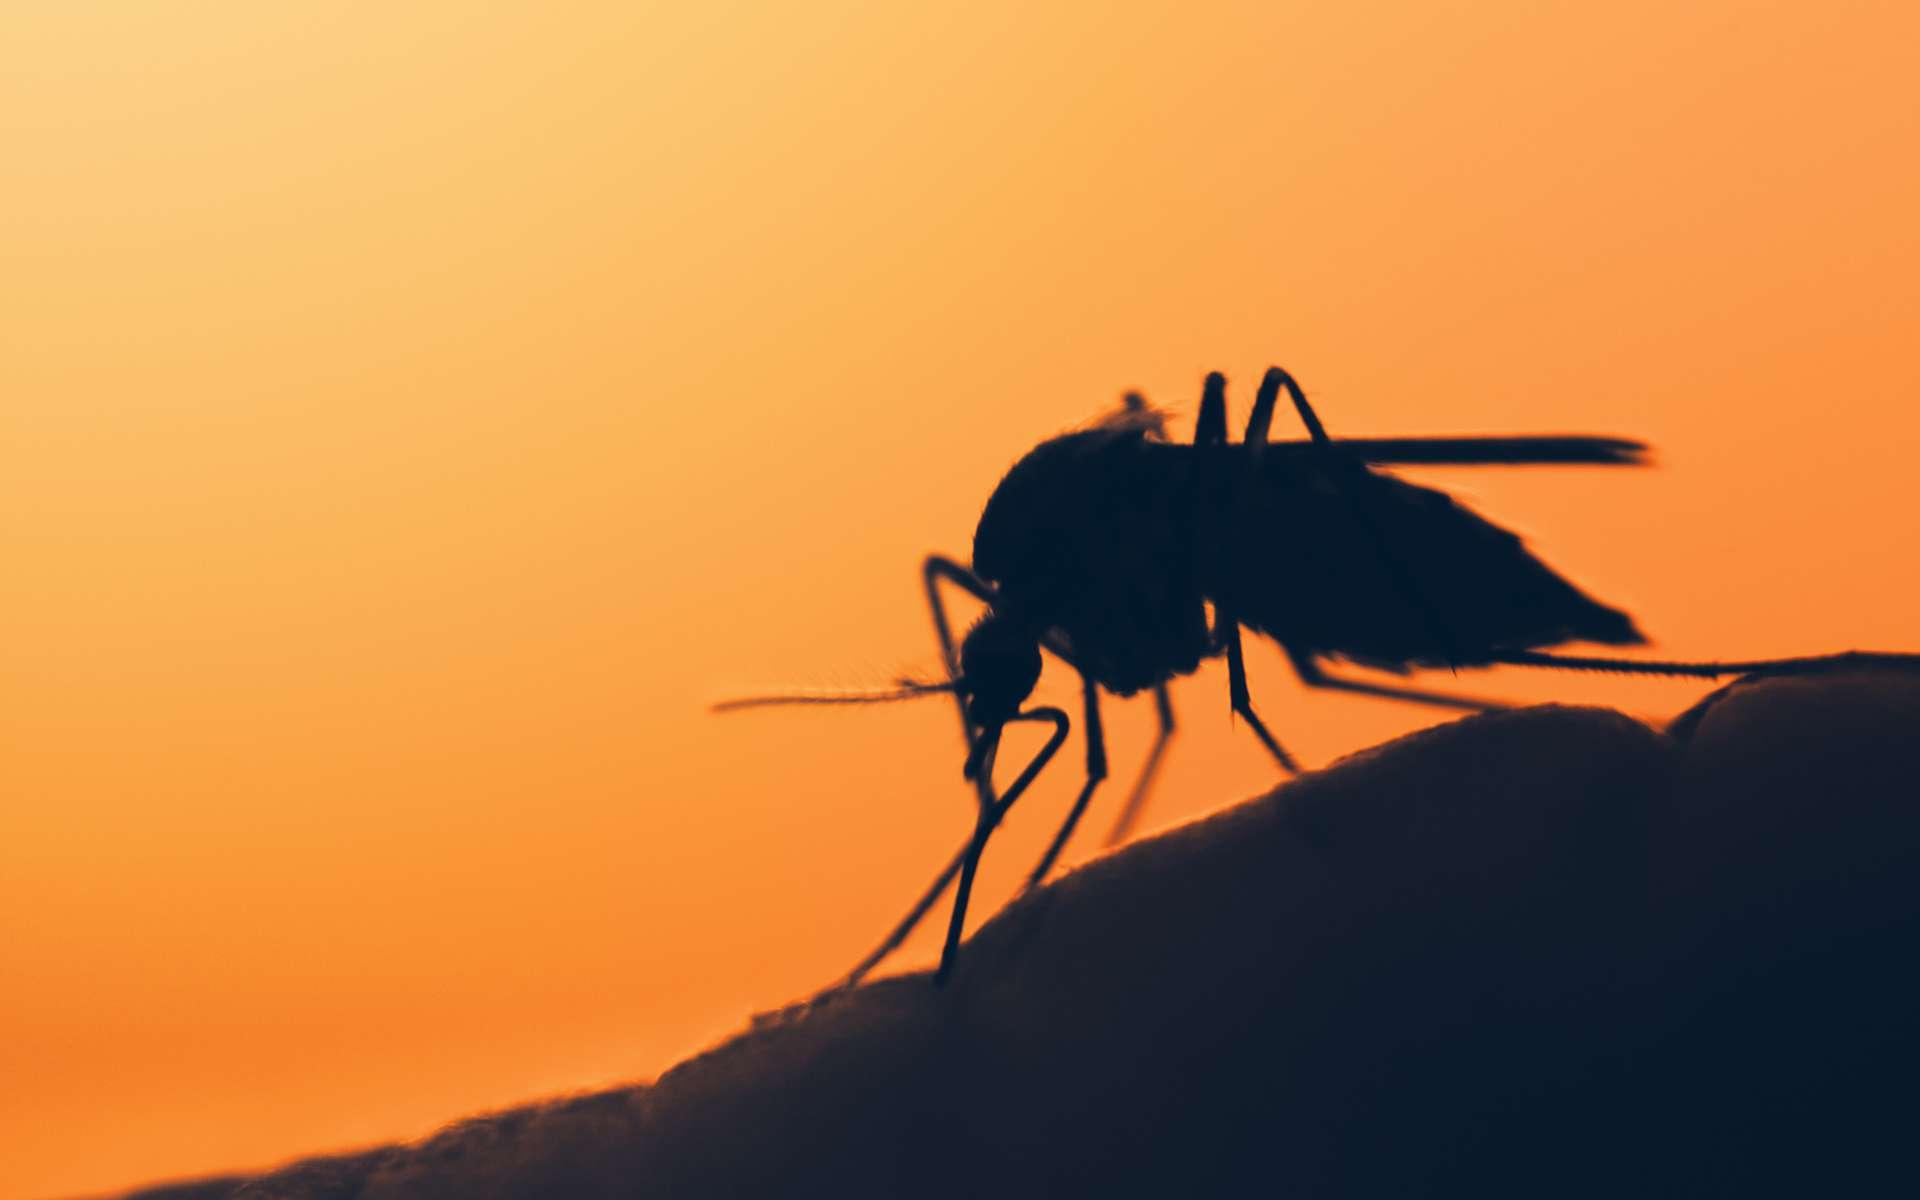 Un moustique sur la peau humaine. © mycterian, Adobe Stock